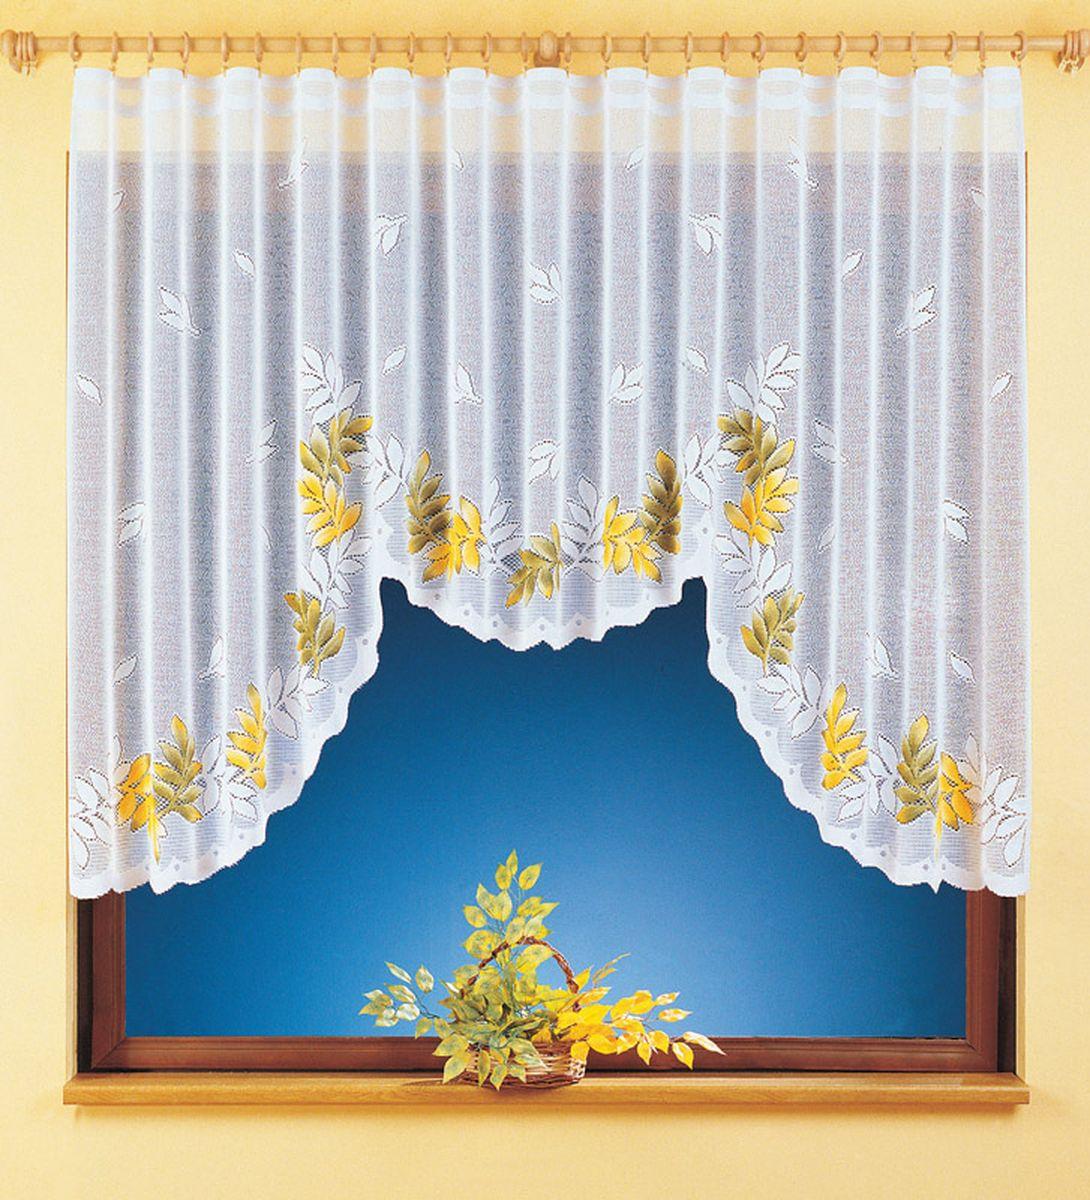 Гардина Wisan Yulia, на ленте, цвет: белый, высота 150 смVCA-00Воздушная гардина Wisan Yulia, изготовленная из полиэстера, станет великолепным украшением любого окна. Изделие украшено ручной раскраской в виде листьев. Оригинальное оформление гардины внесет разнообразие и подарит заряд положительного настроения.Гардина оснащена шторной лентой для крепления на карниз.